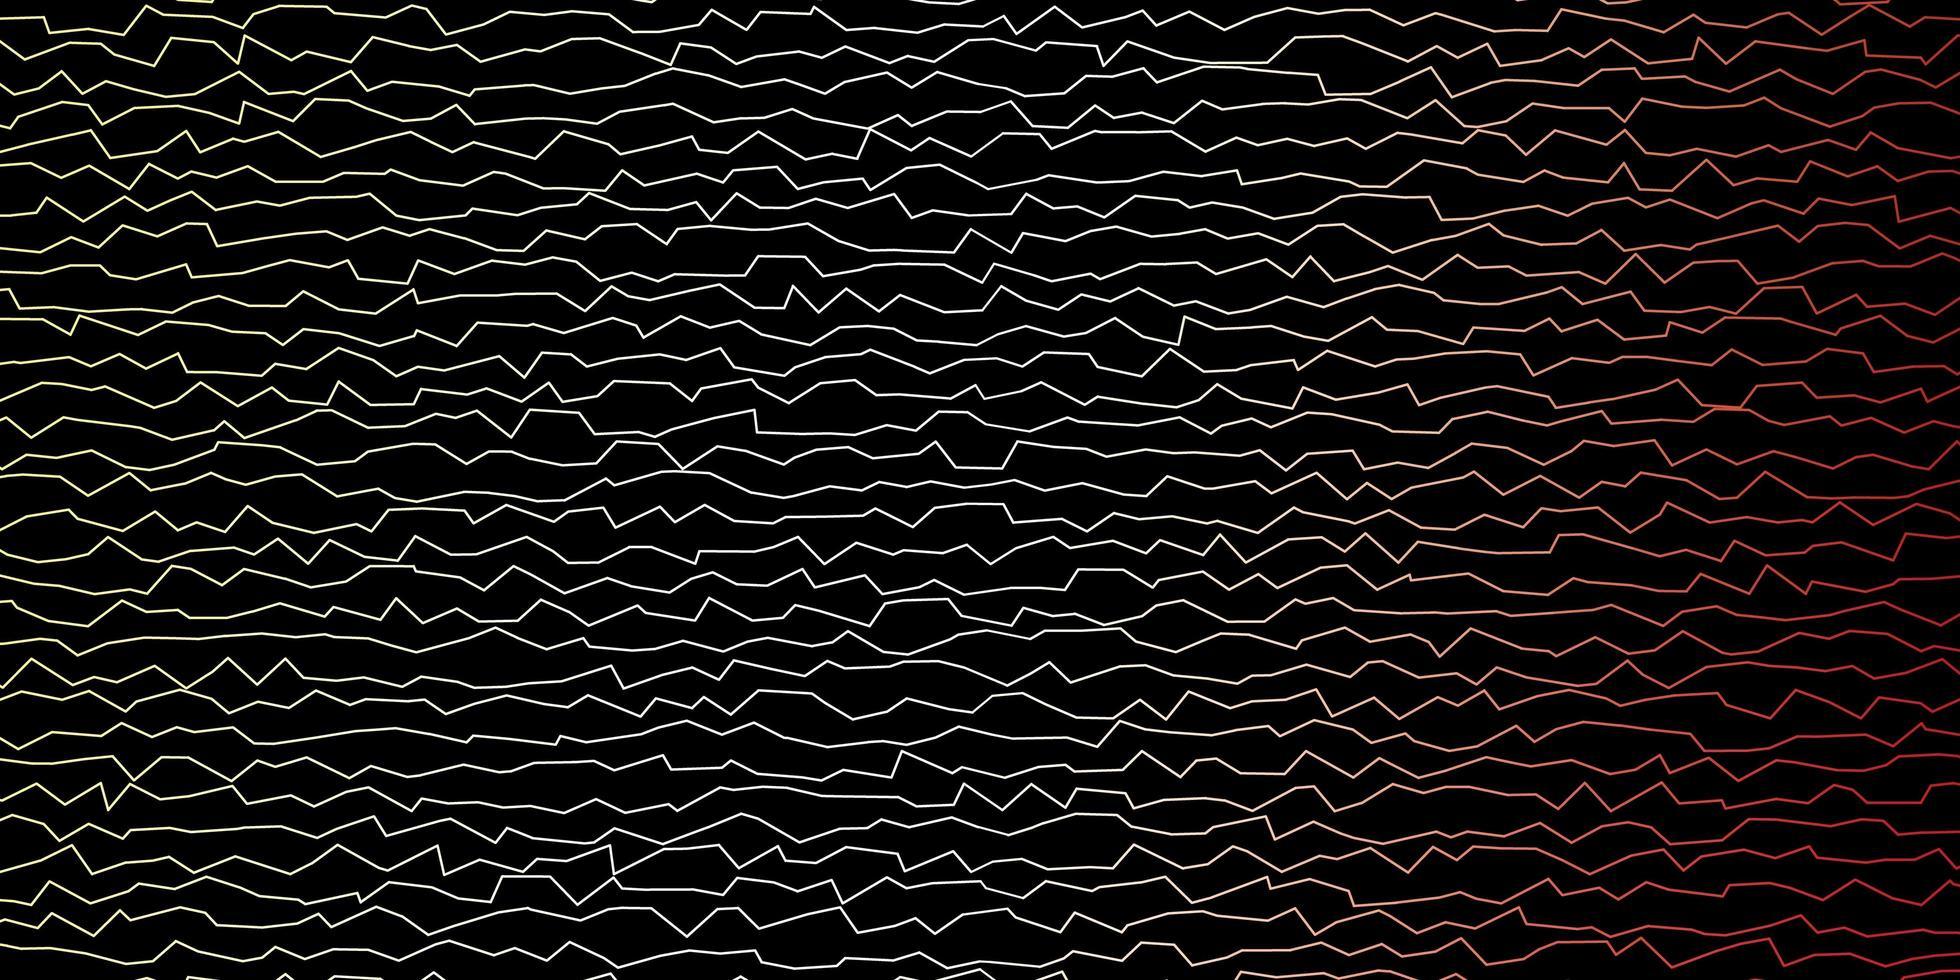 patrón de vector multicolor oscuro con líneas torcidas.